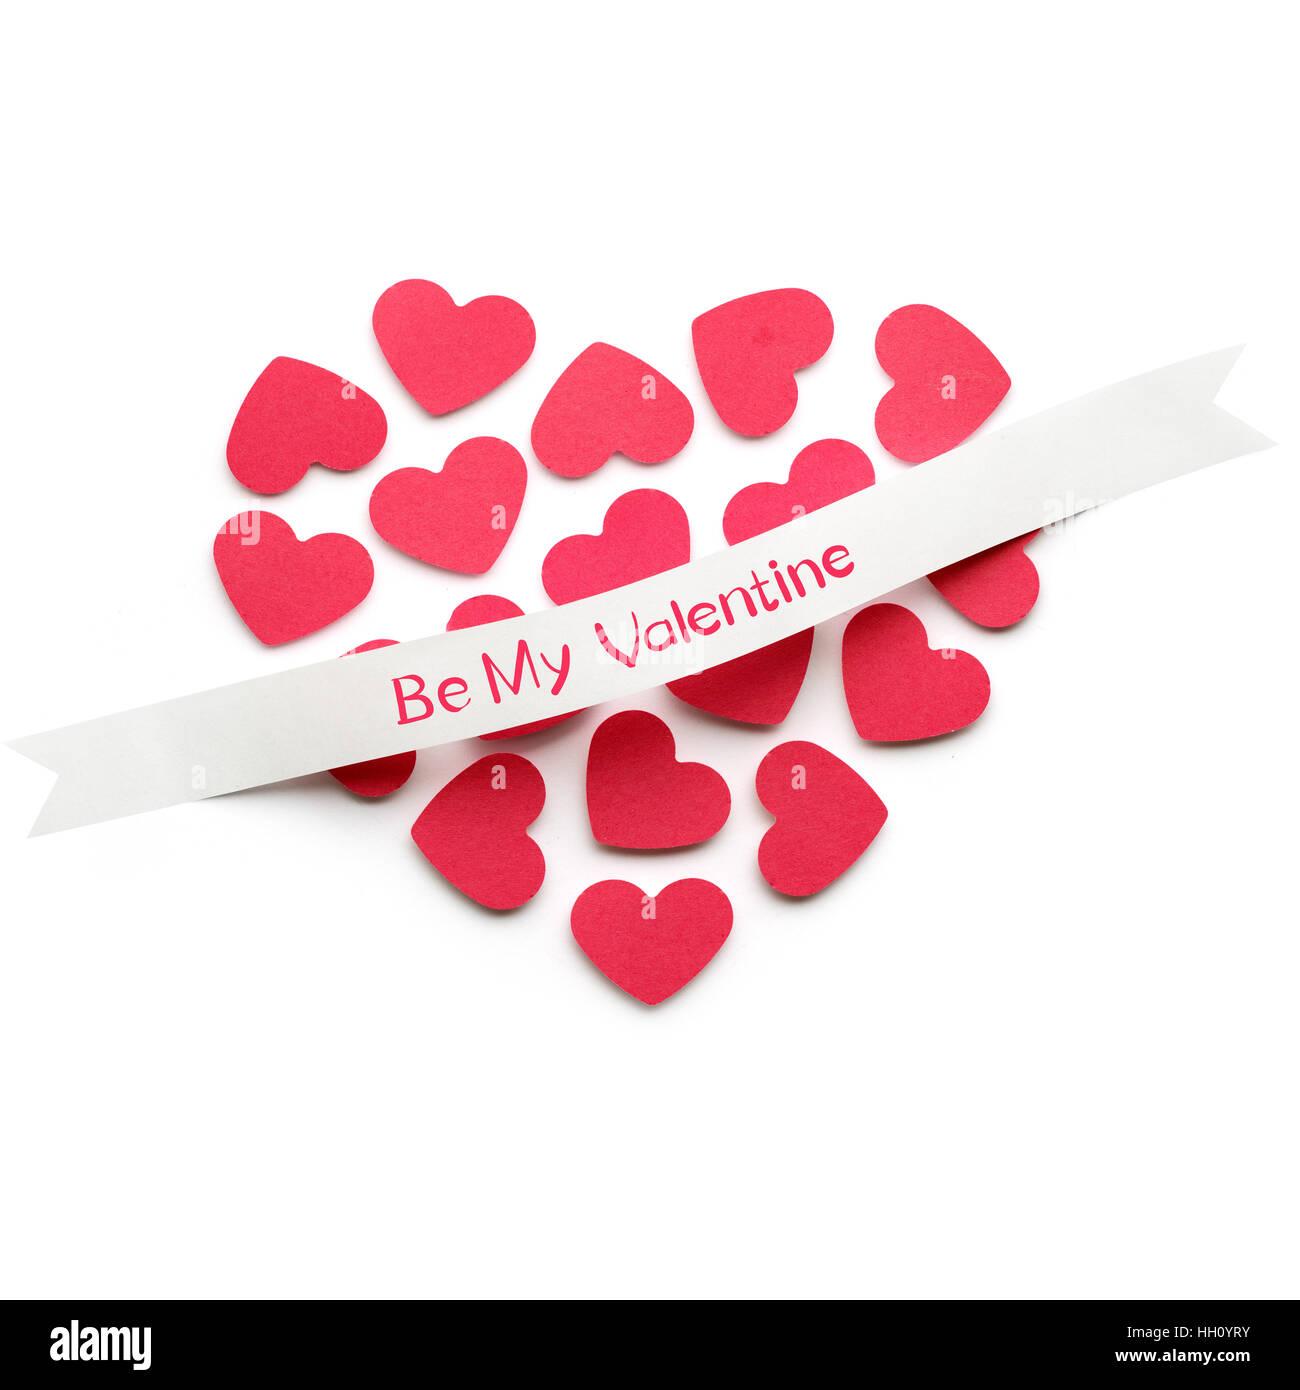 Hervorragend Kreative Valentines Konzept Foto Herz aus Papier mit einem Band SB52